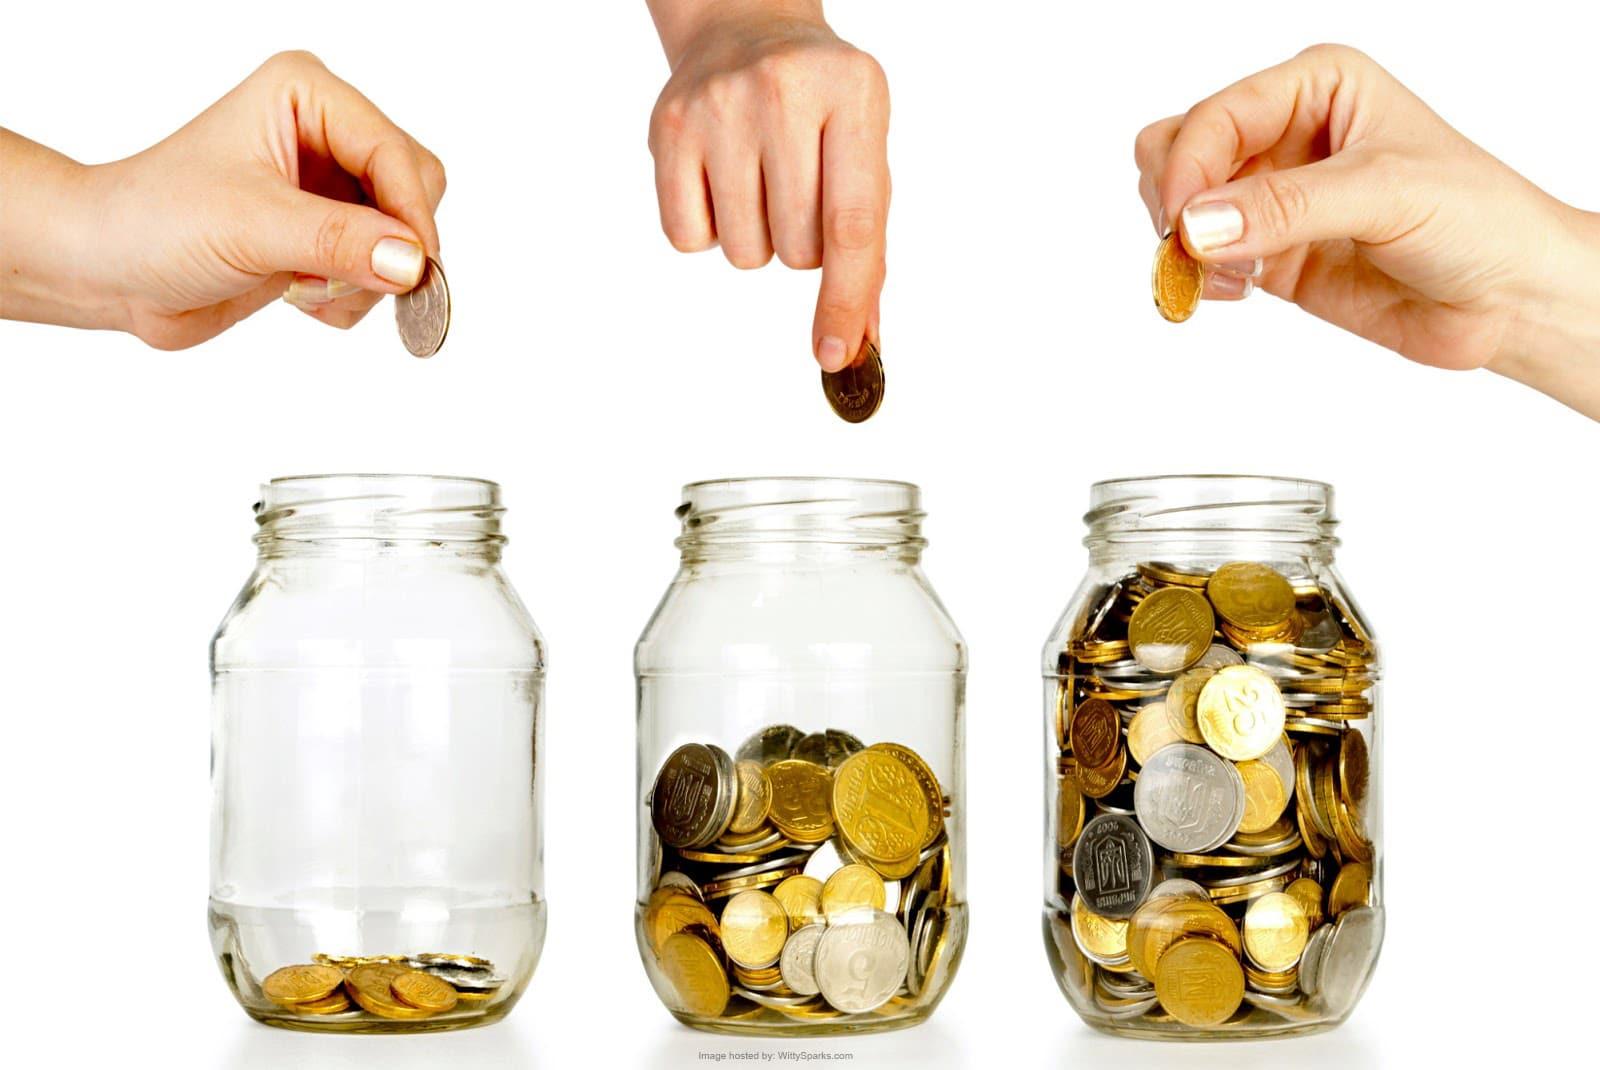 Savings - Save Money